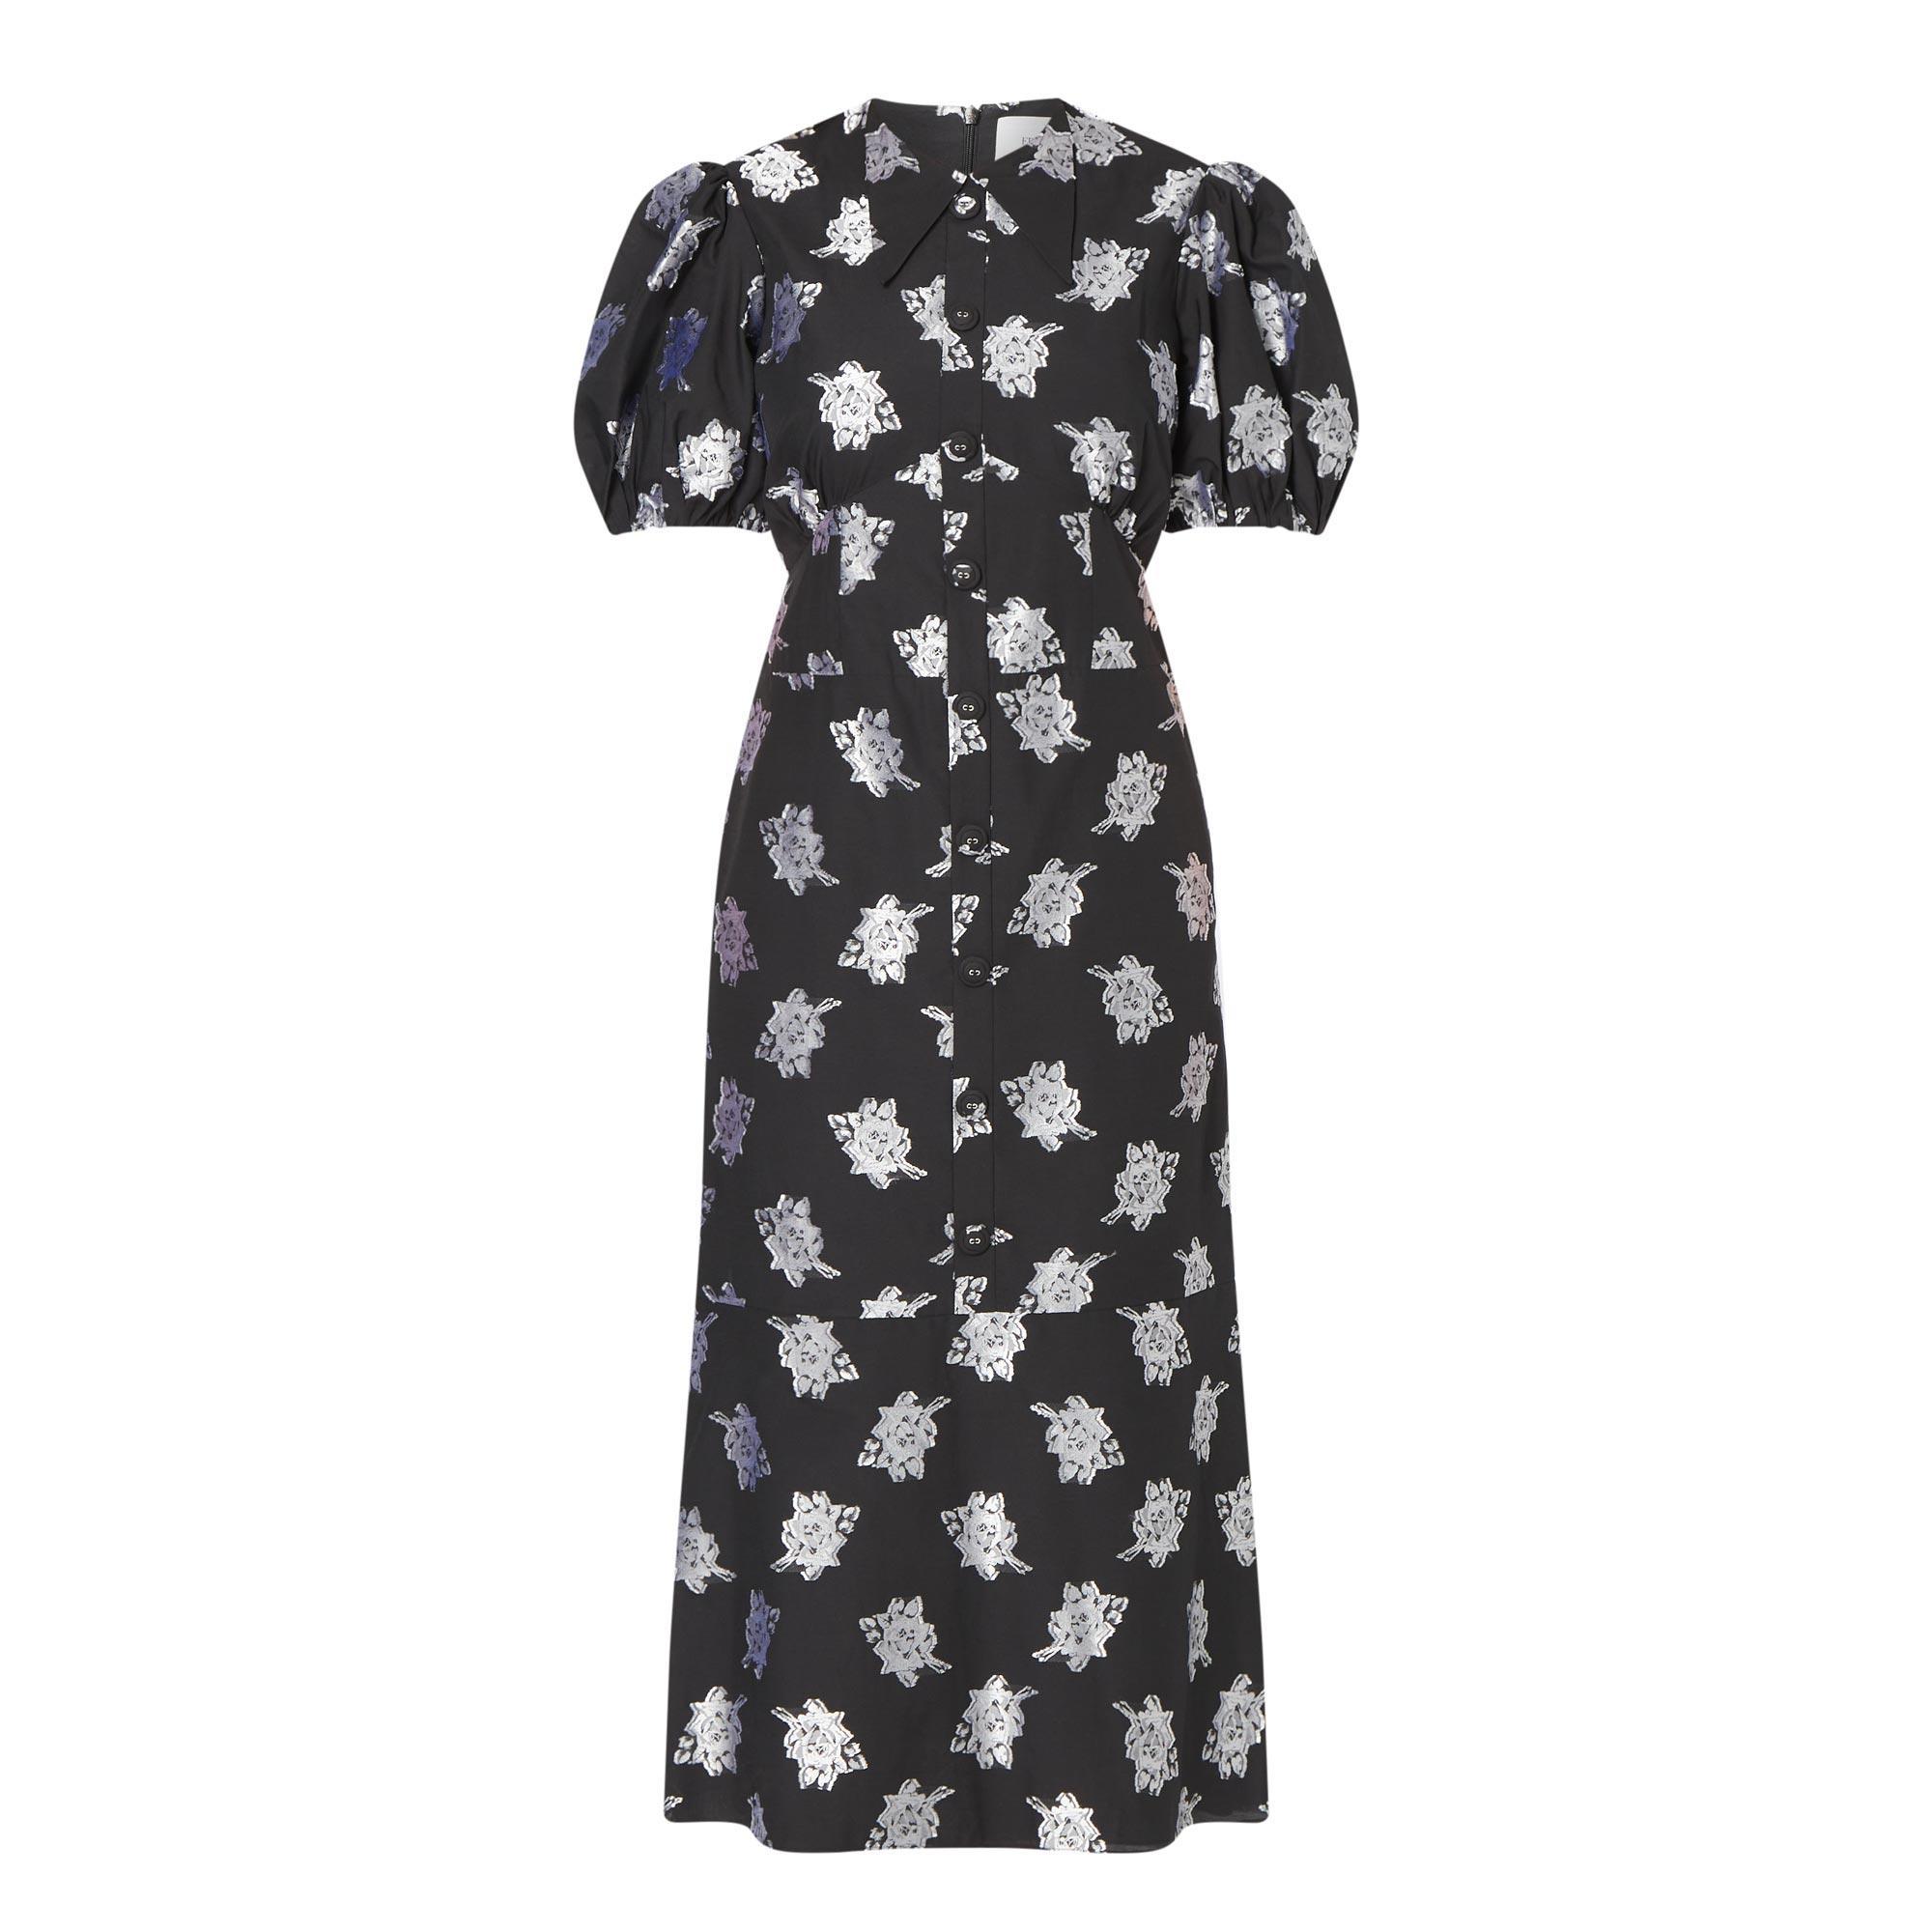 Rosecoup Dress